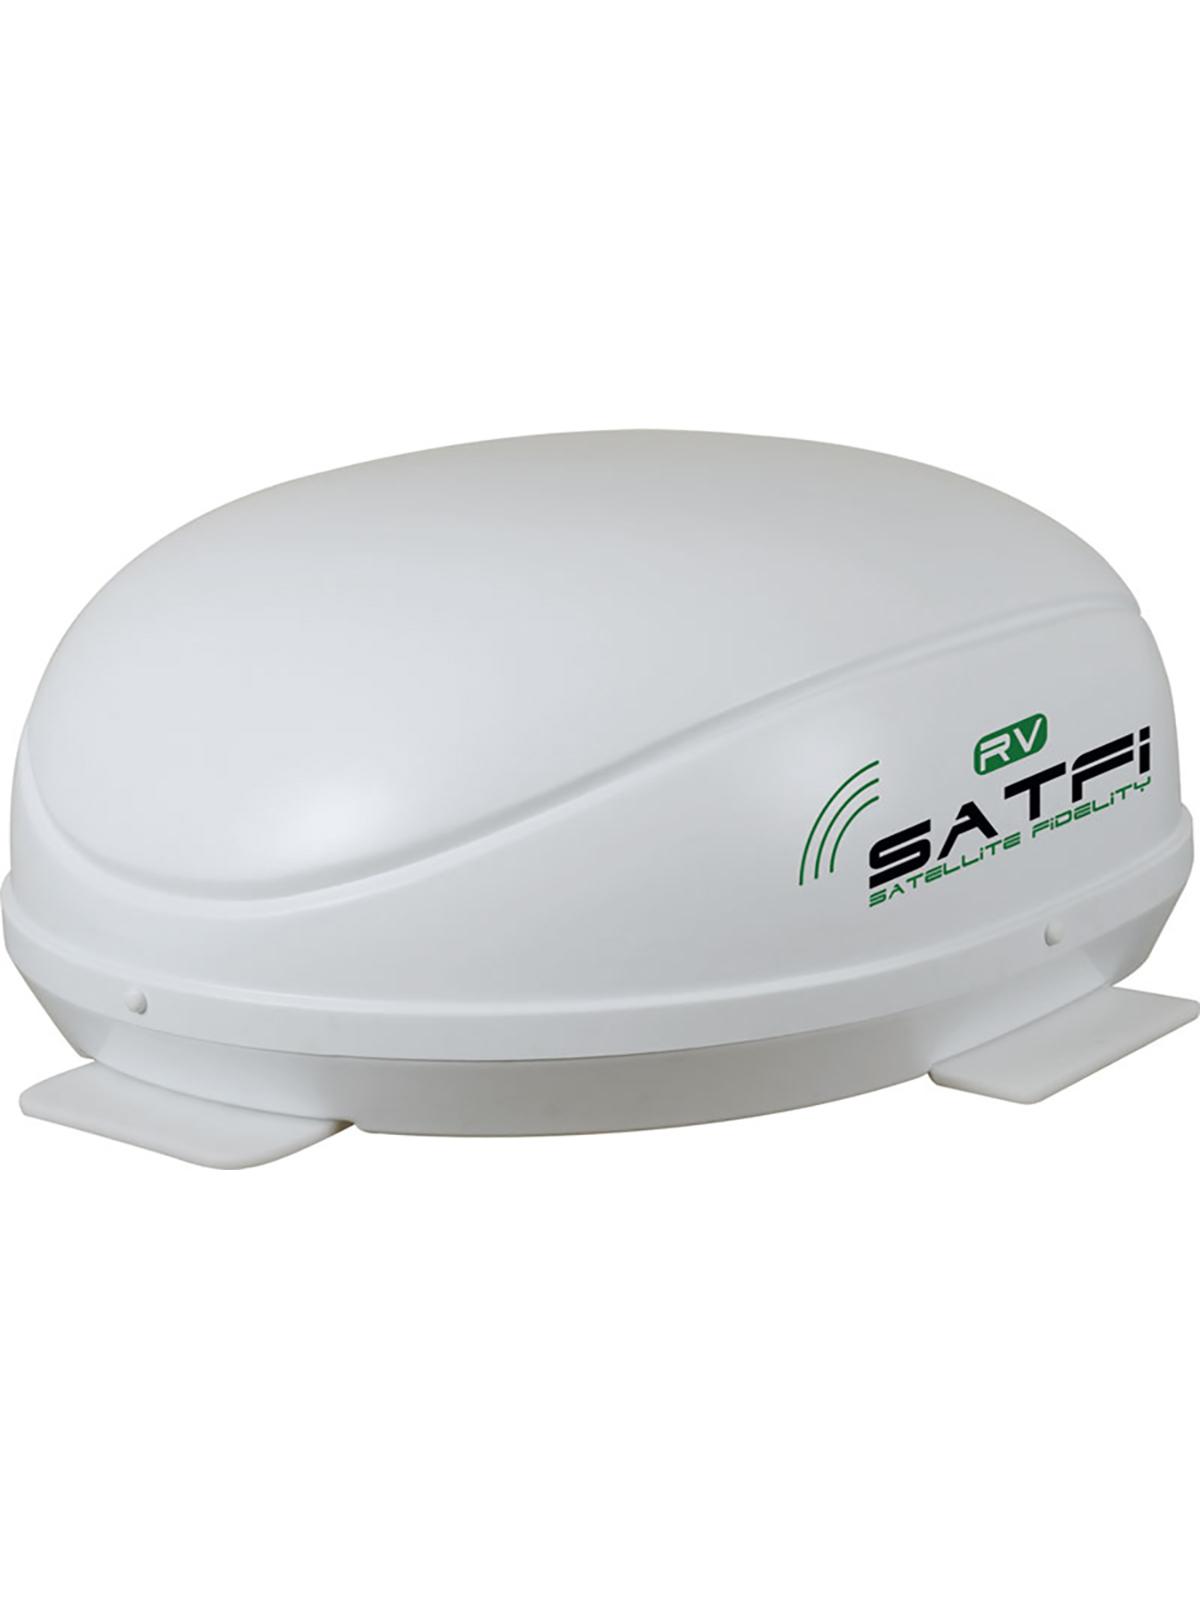 Satfi Rv Twin Satellite Dome Aerotrac